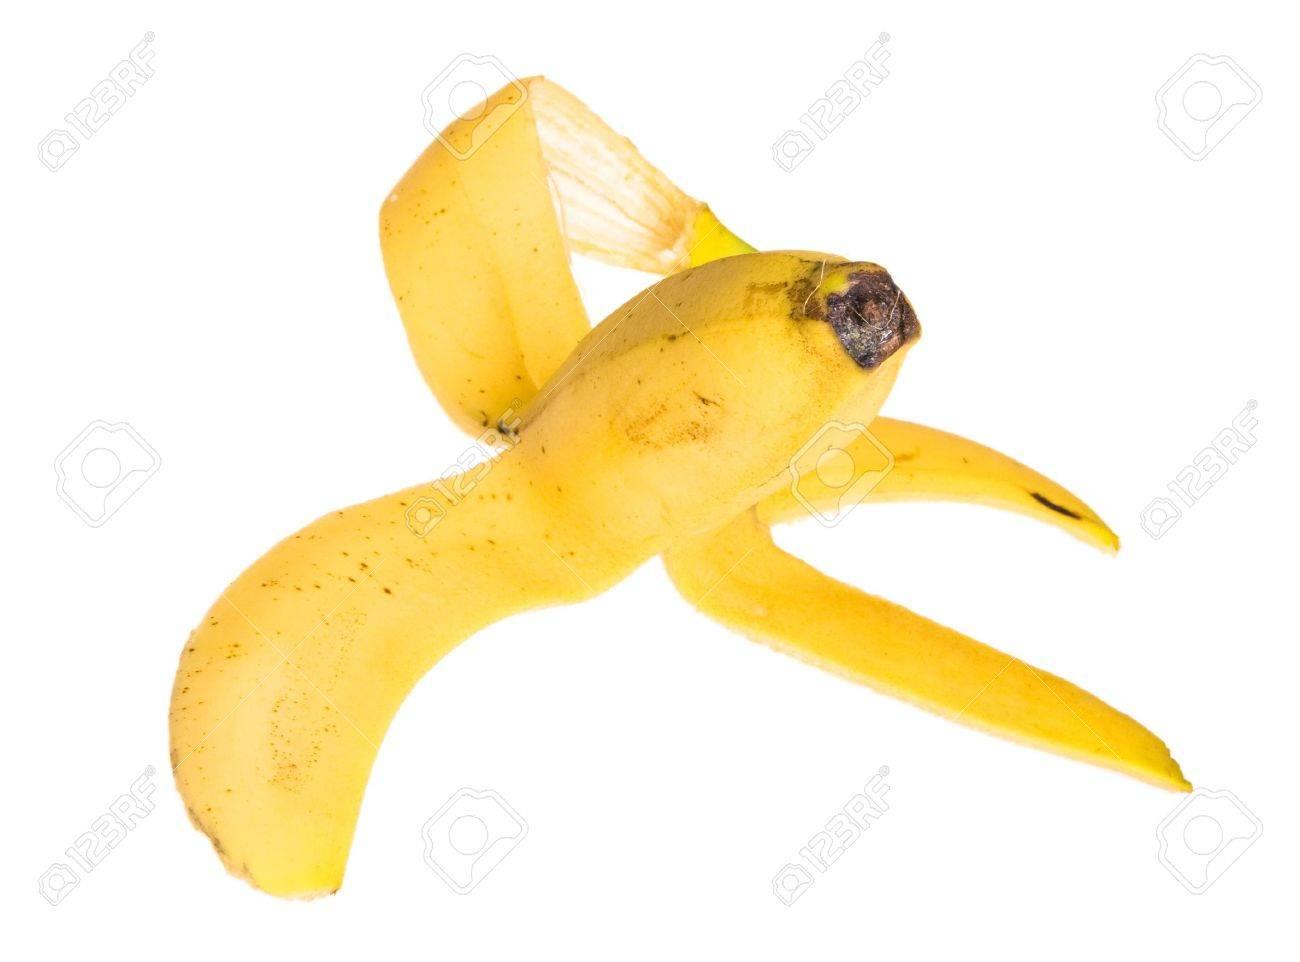 Peel of banana - 5433789